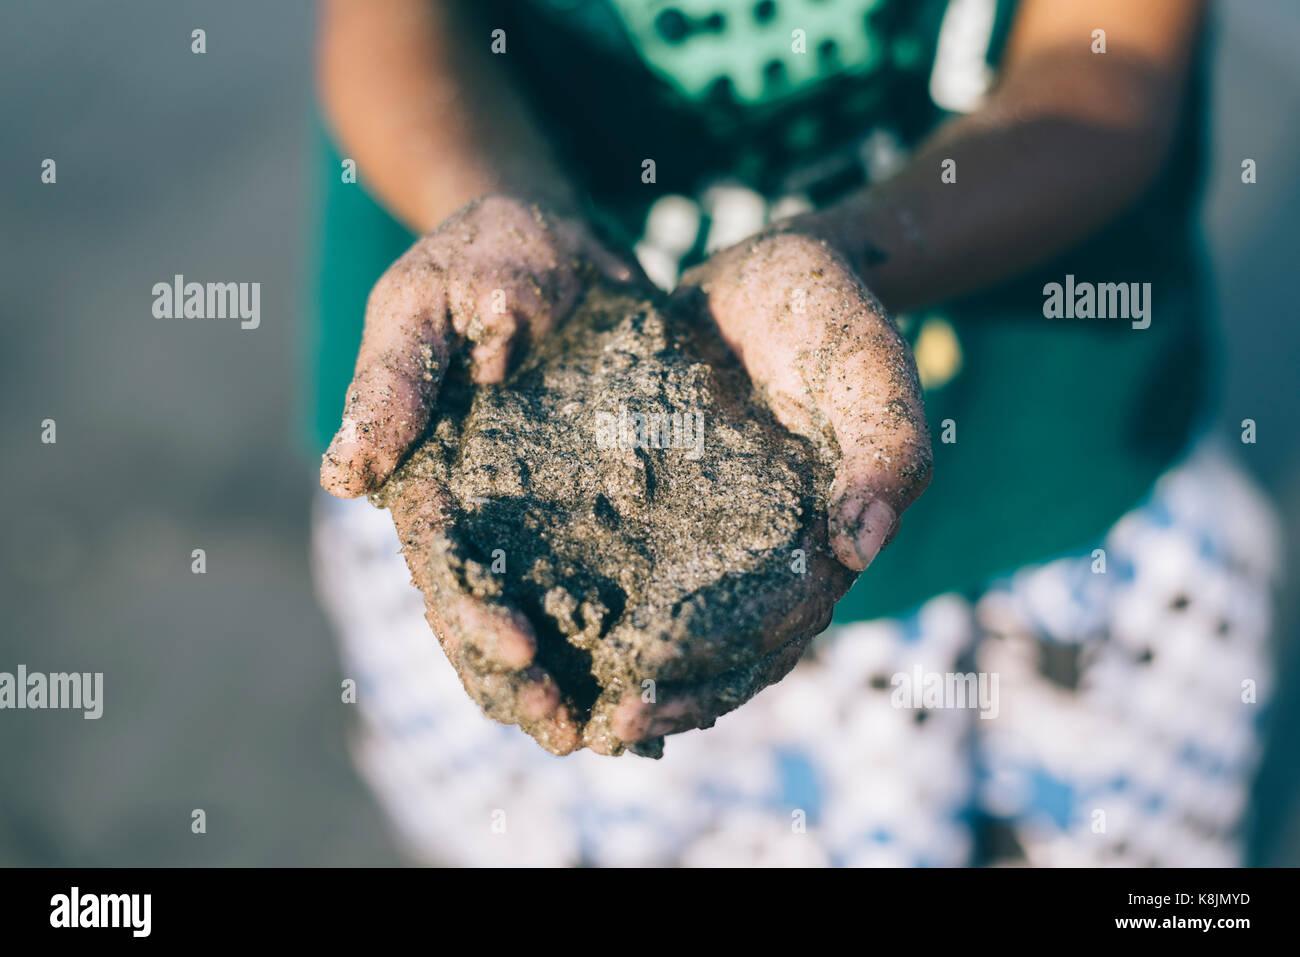 Kinder spielen mit Sandstrände. Spaß mit Familie. Urlaub-Konzept. Stockbild